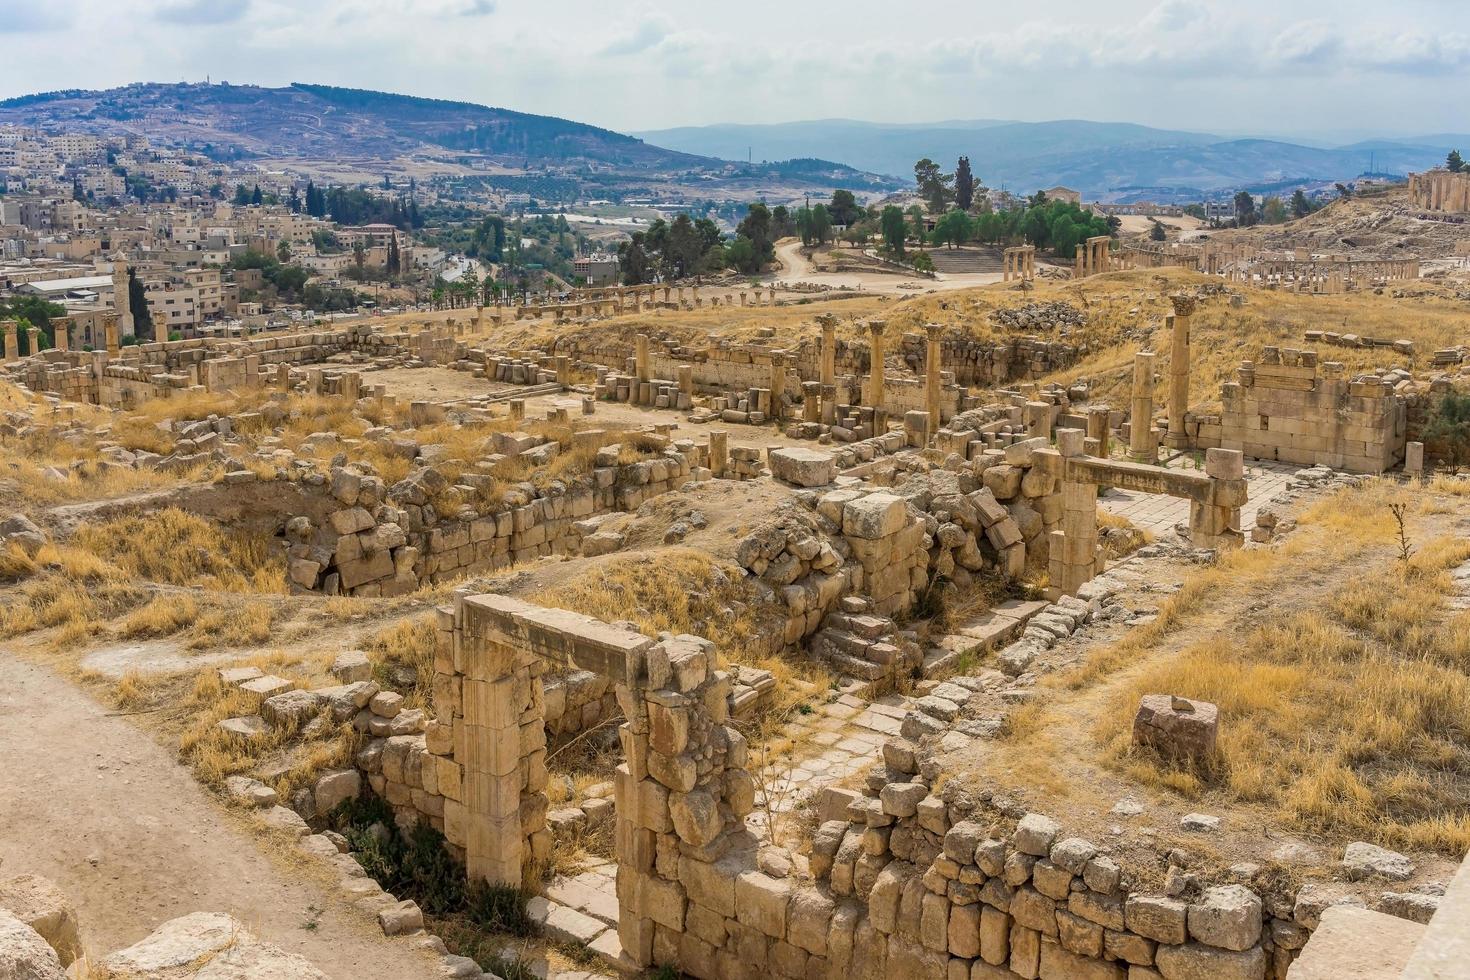 rovine dell'antica città romana di gerasa, giordania foto